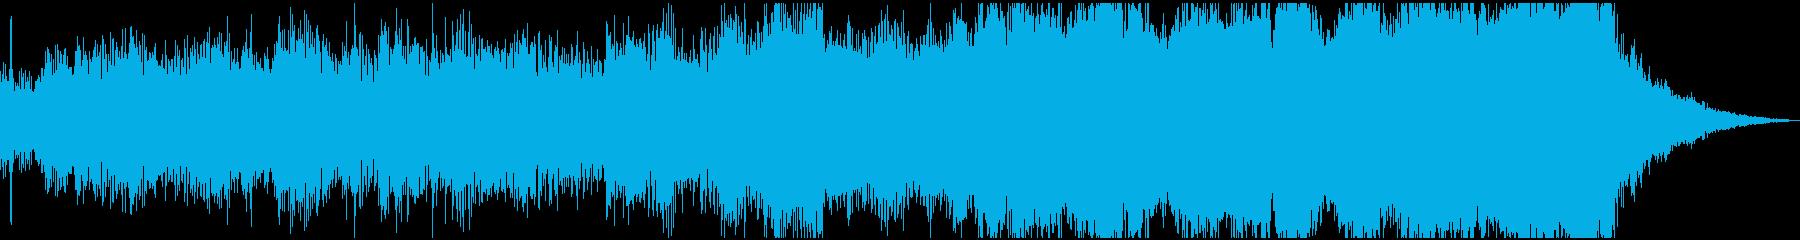 どす黒い感情が沸き起こるような電子音楽の再生済みの波形